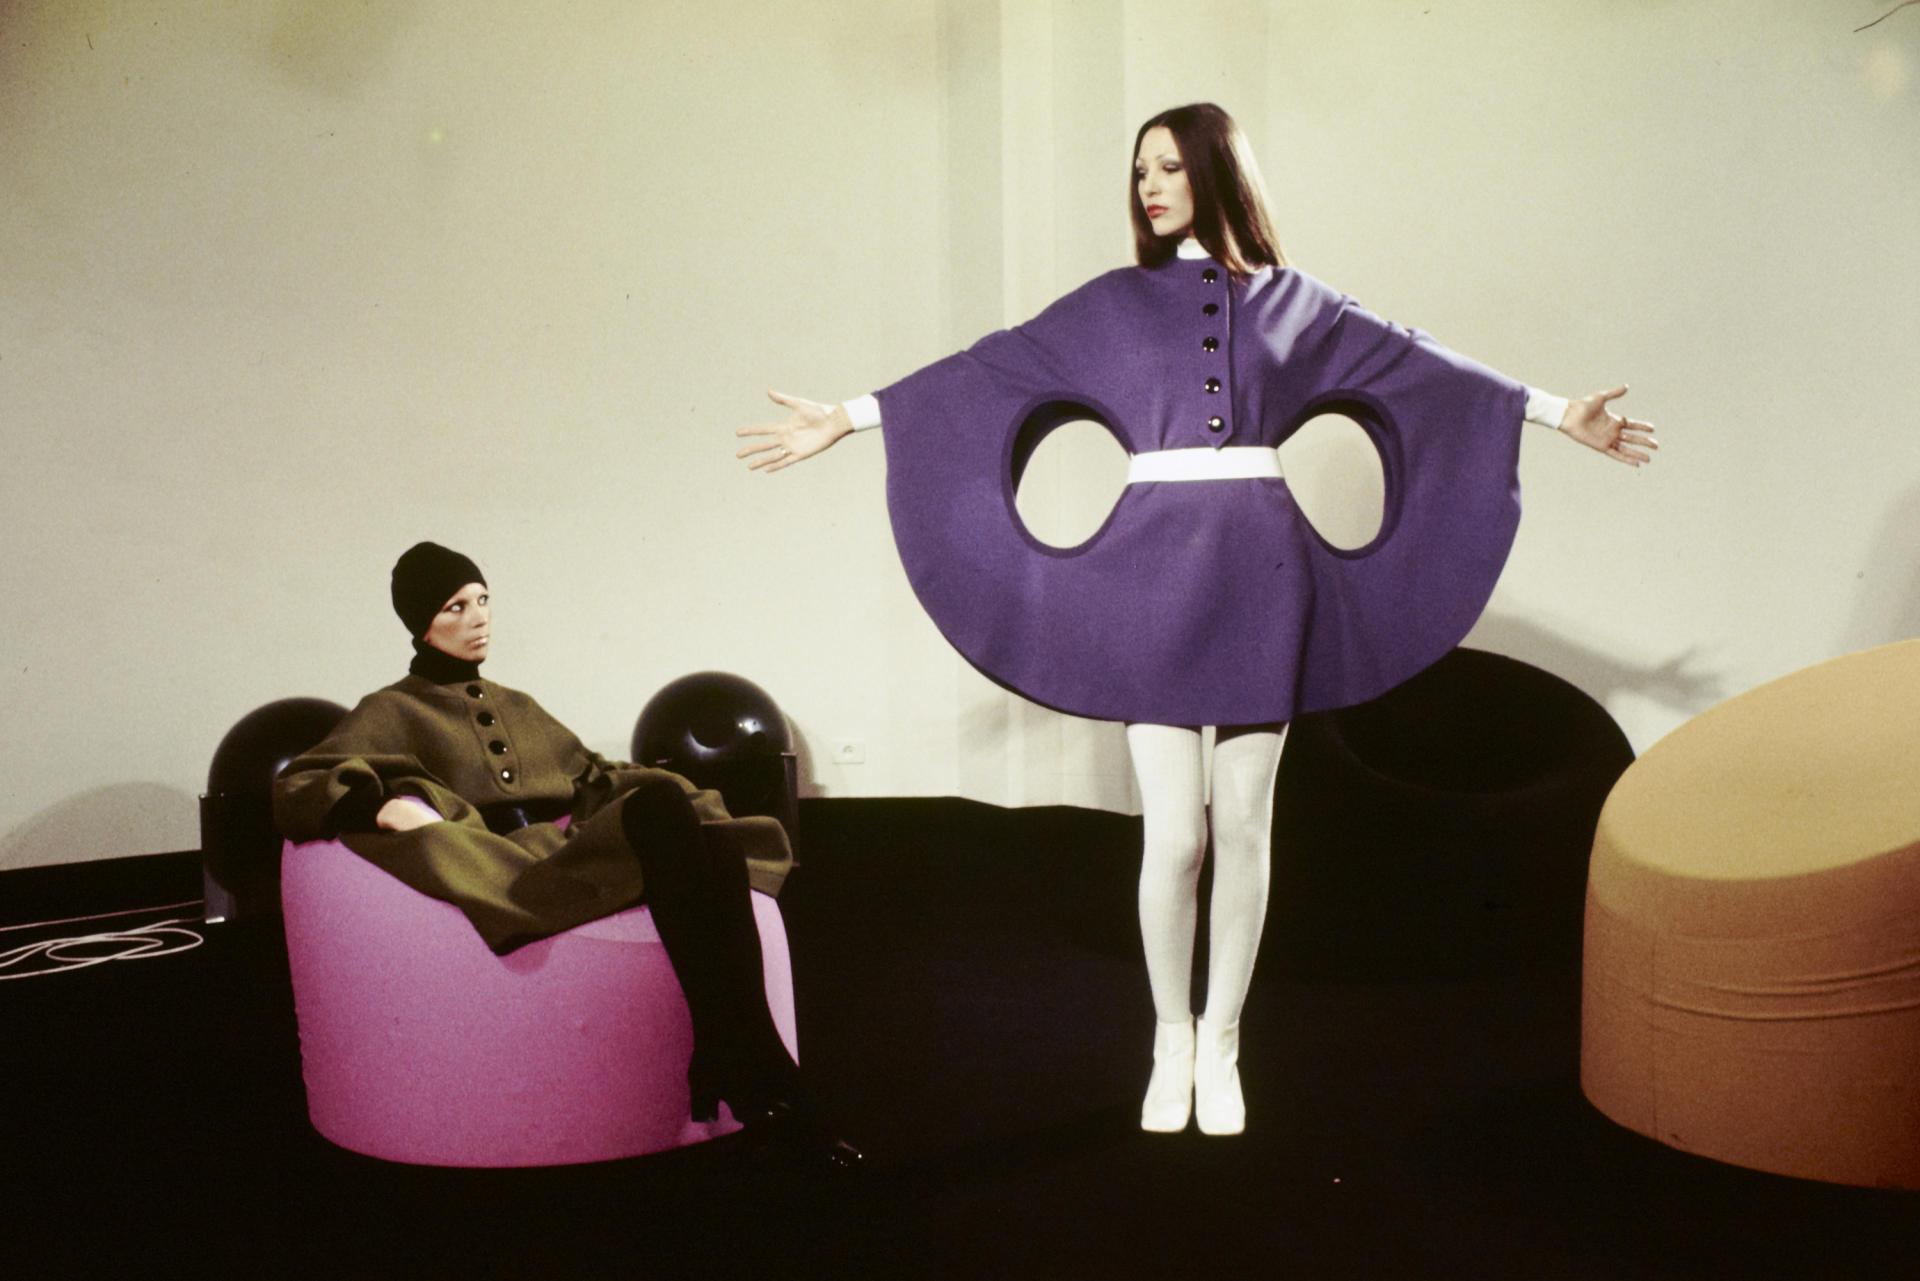 Présentation de modèles haute couture et prêt-à-porter automne-hiver, en octobre 1971.